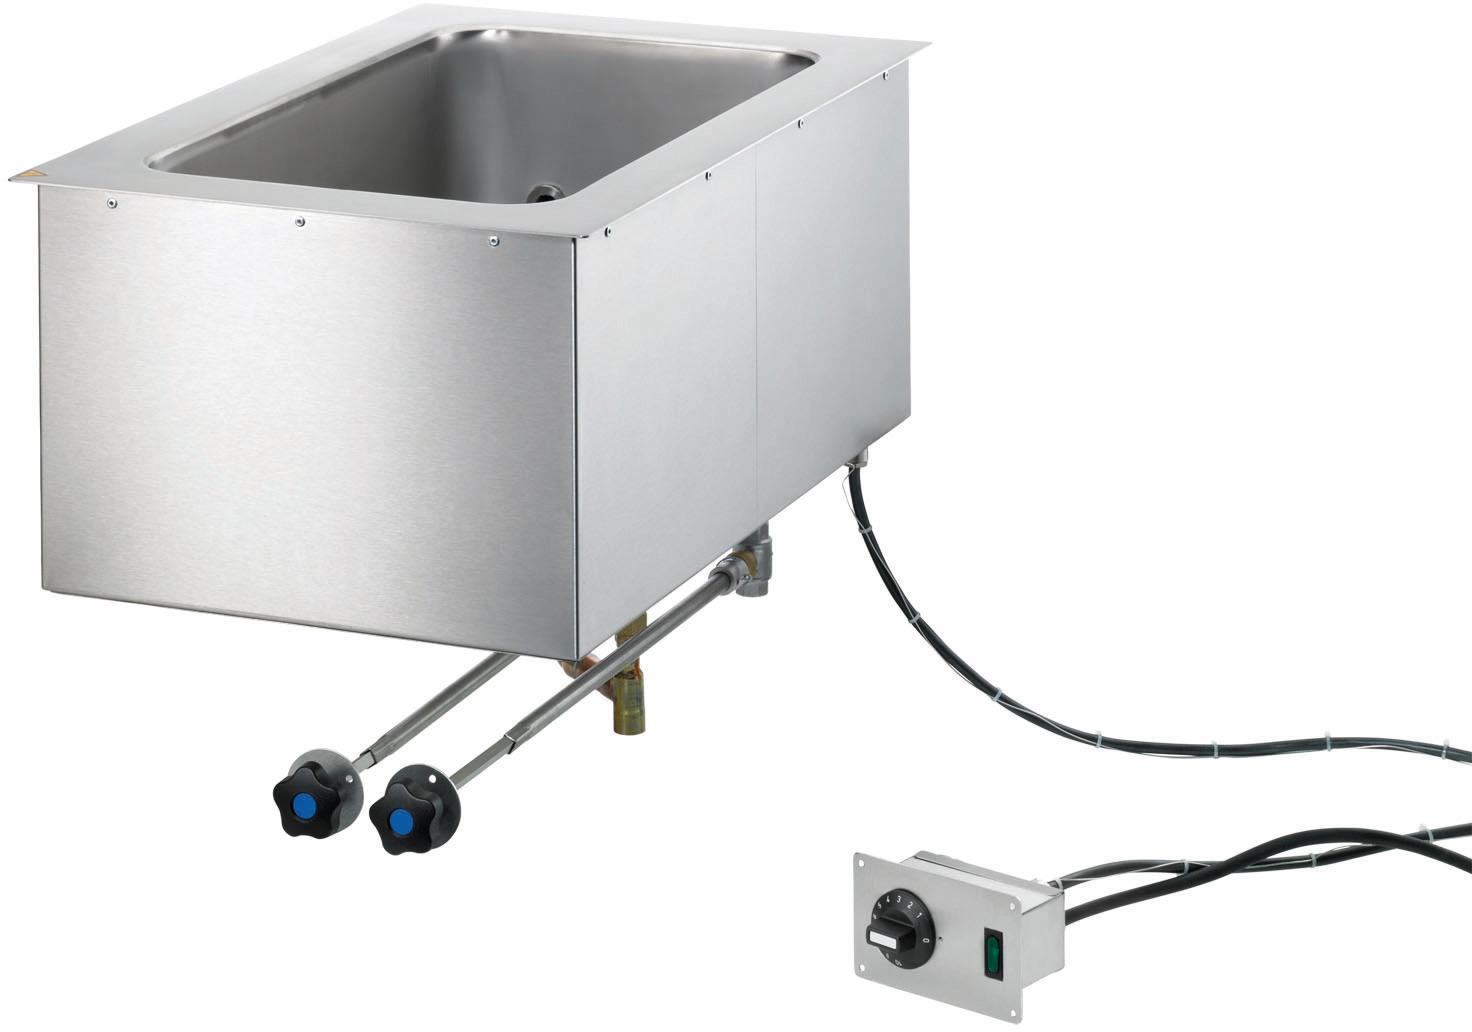 Elektro-Bain Marie Einbaugerät GN 1/1 -  200 mm tief / stationäre Befüllung